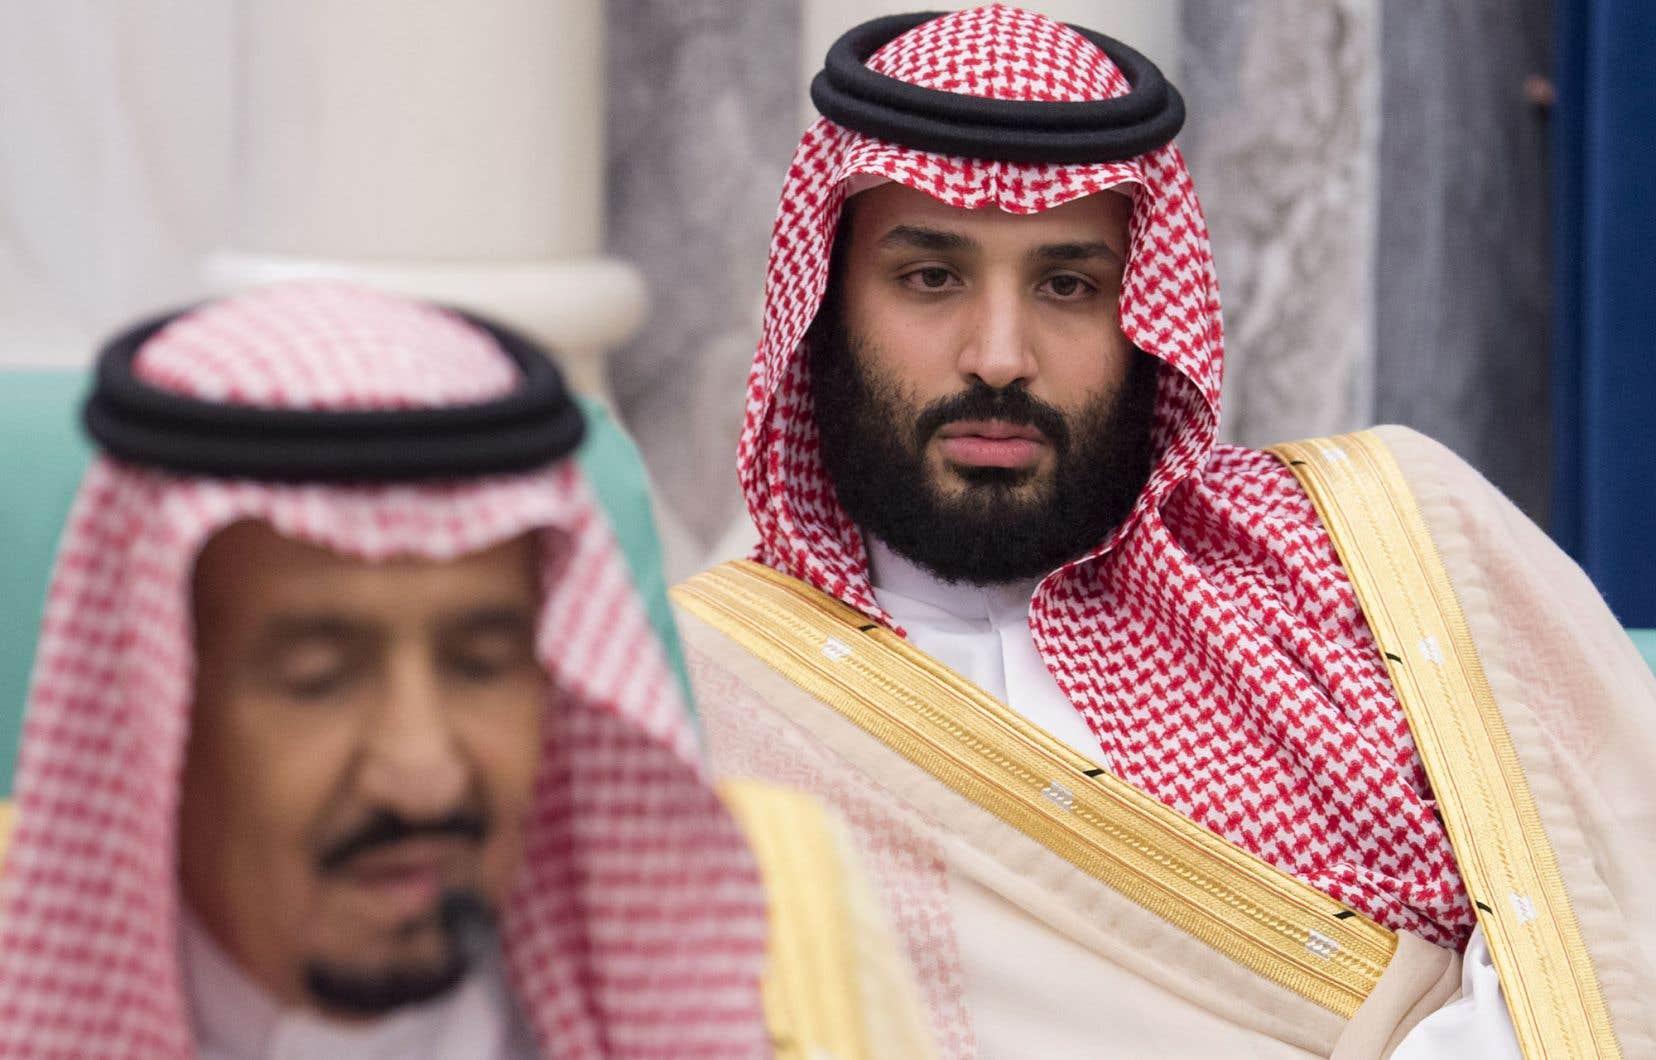 La crise diplomatique avec le Canada souligne combien l'Arabie saoudite du prince héritier Mohammed ben Salmane ne tolère aucune critique.